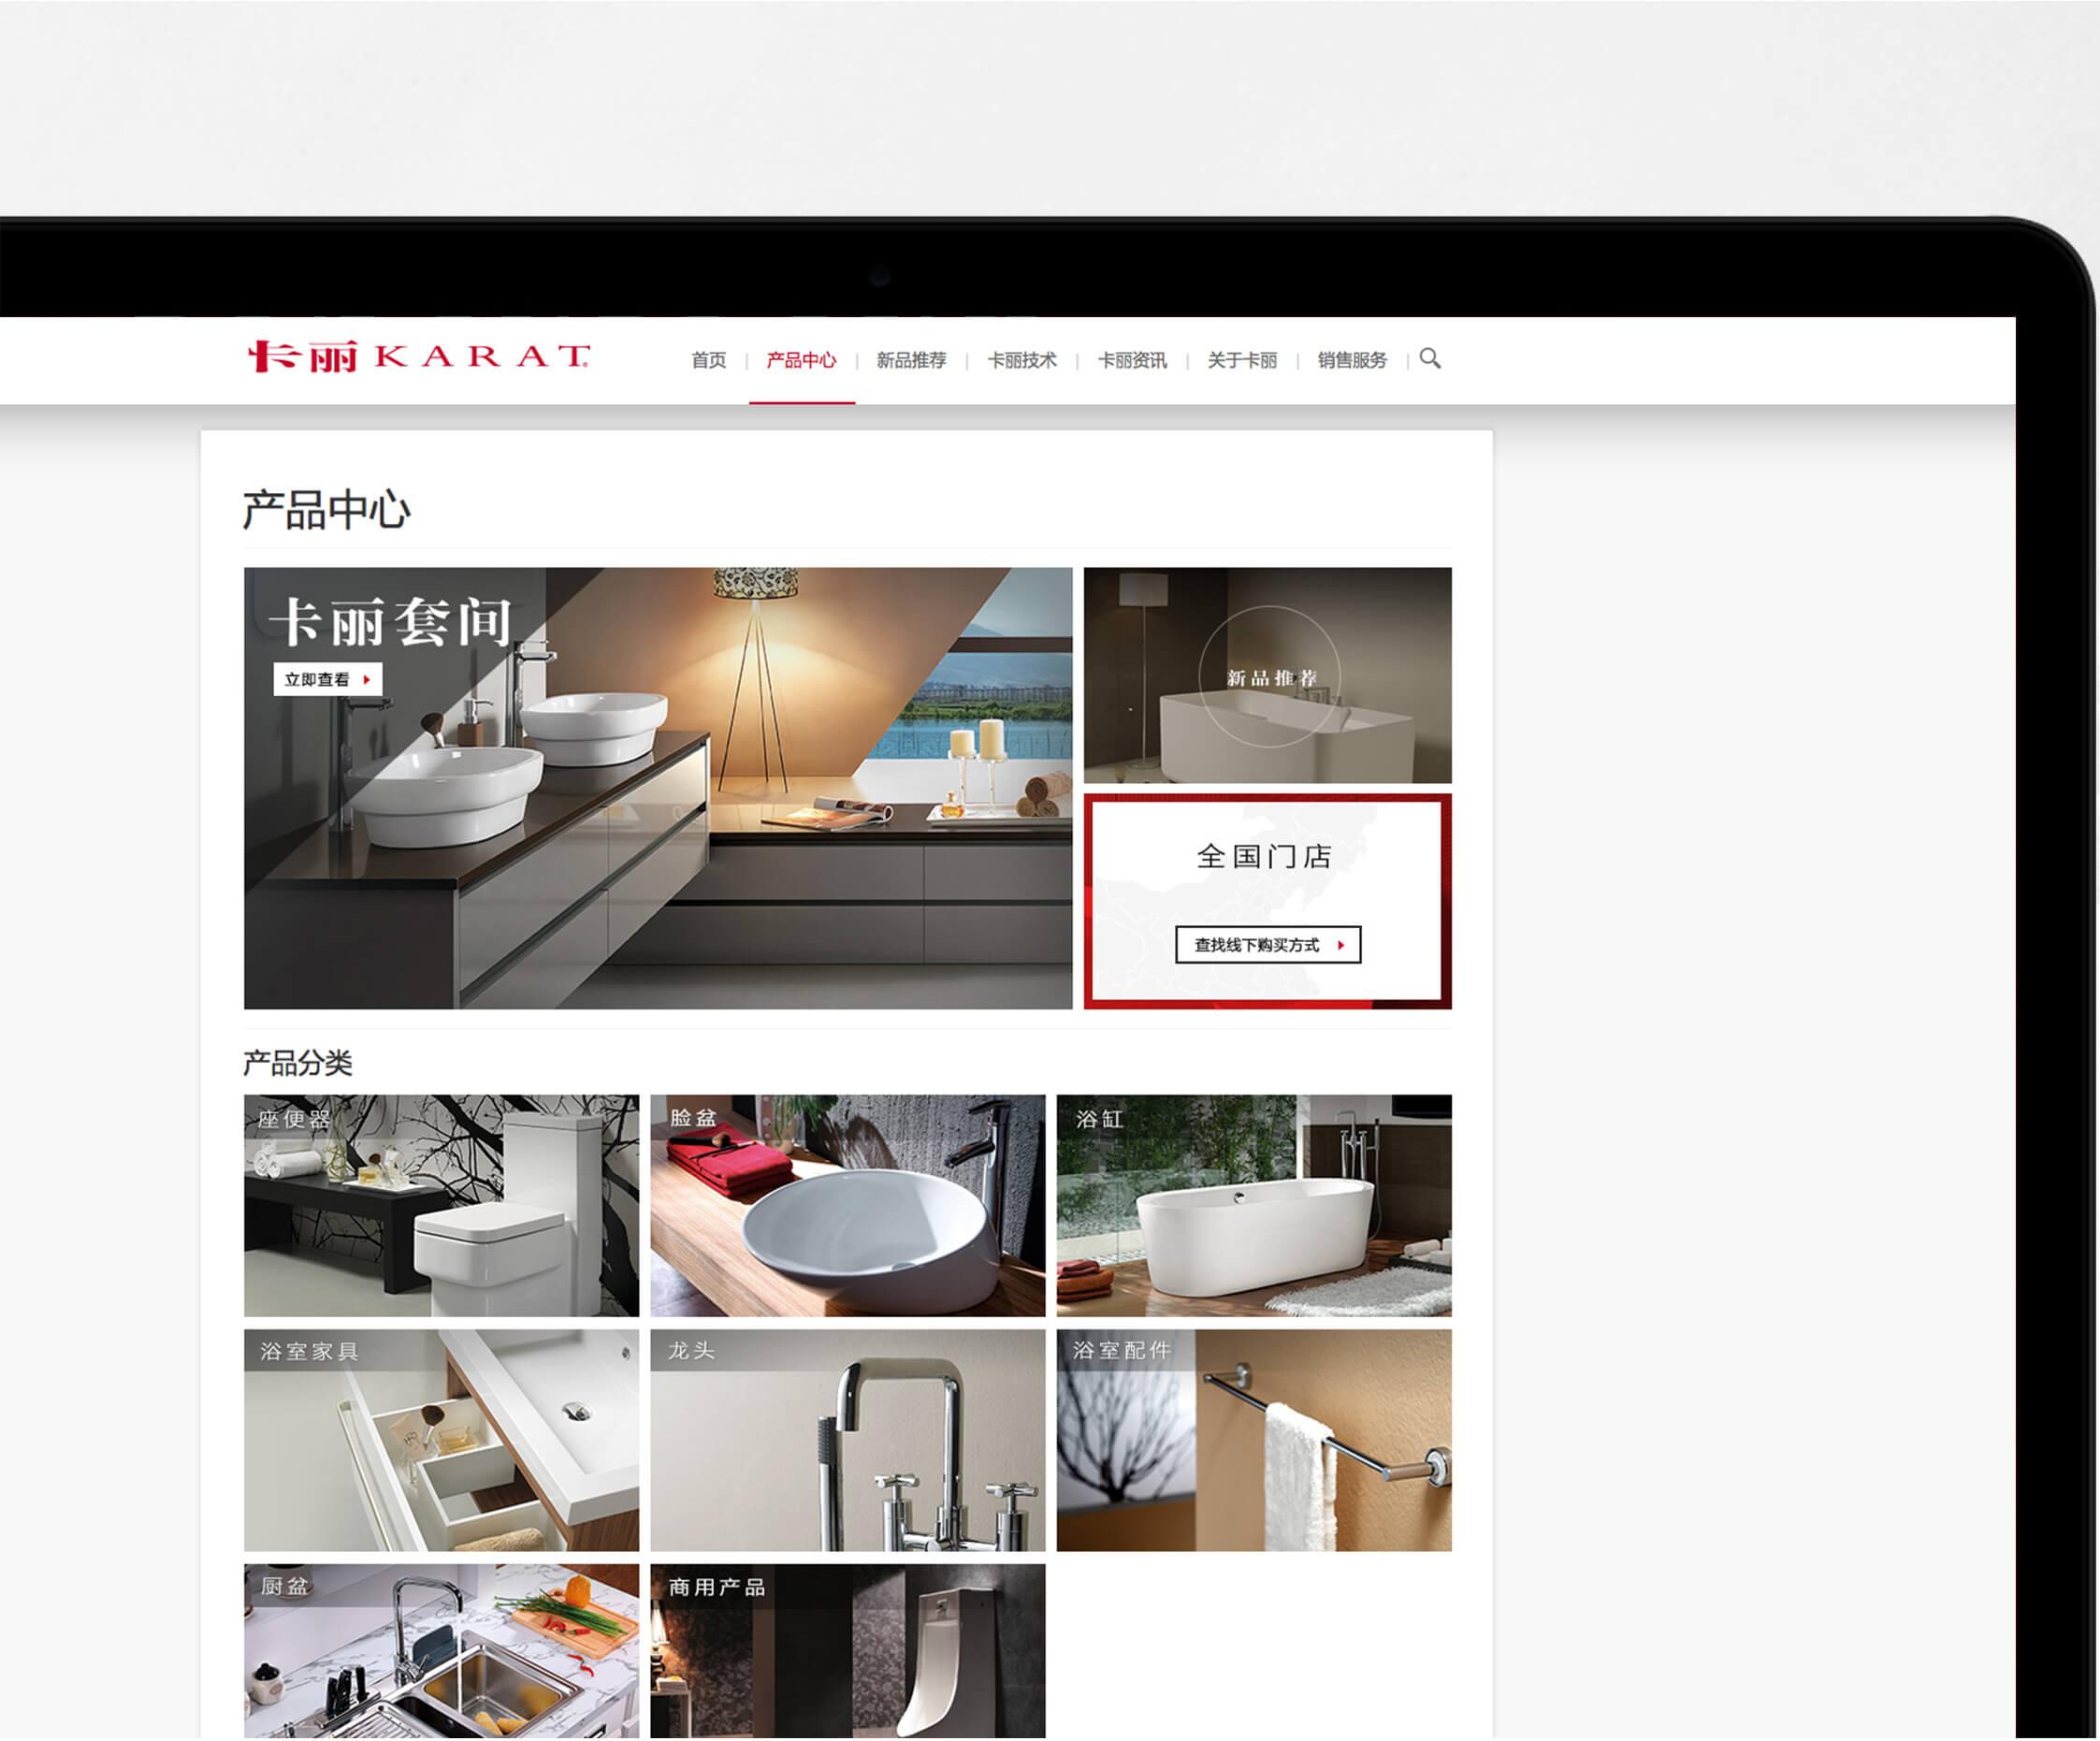 卡丽品牌网站 品牌官网设计 | 班田互动